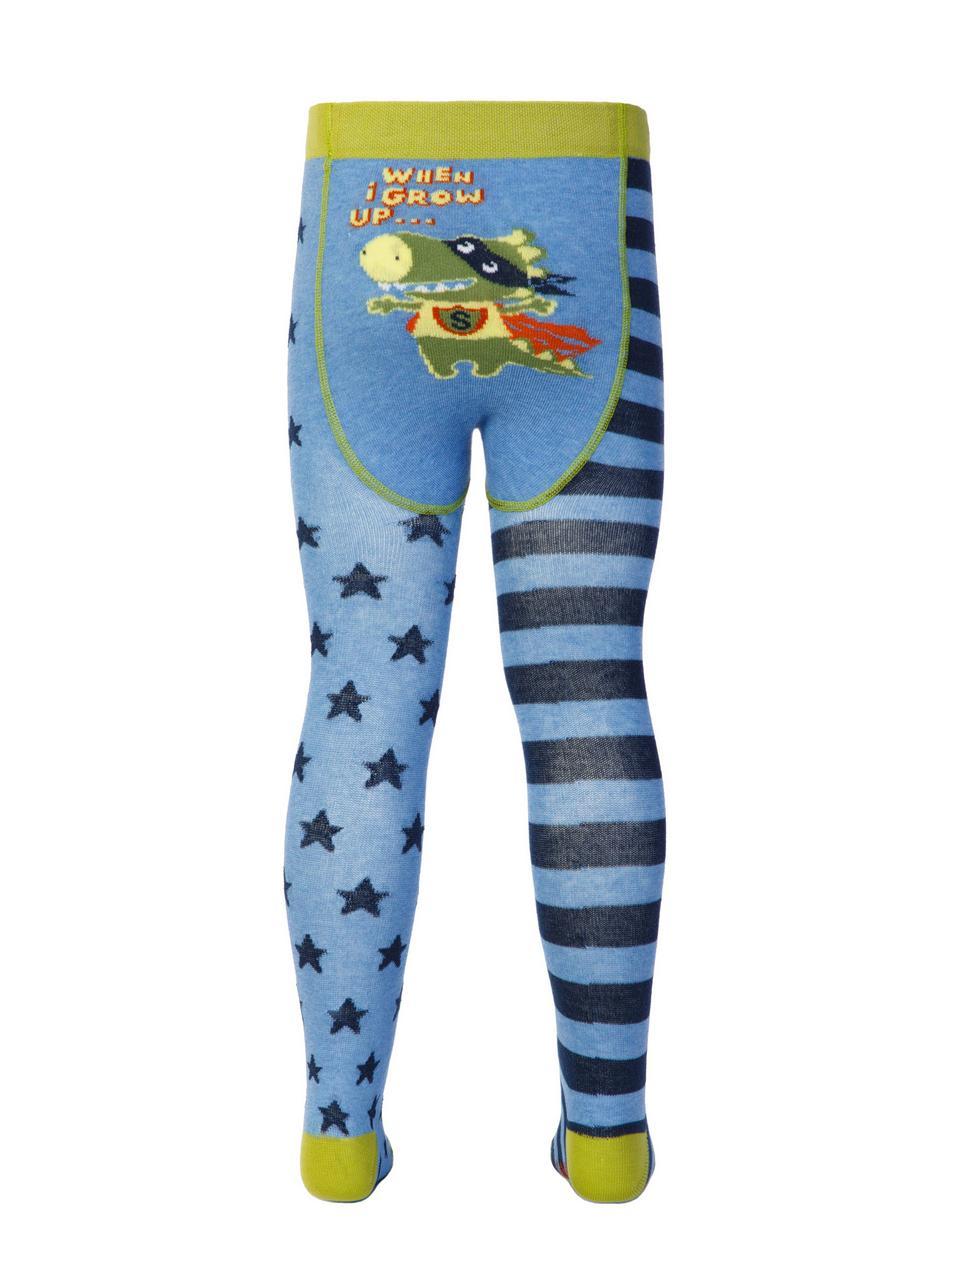 Разноцветные детские колготки Conte kids  TIP-TOP «Веселые ножки» 358, р. 62-74, 72% хлопок